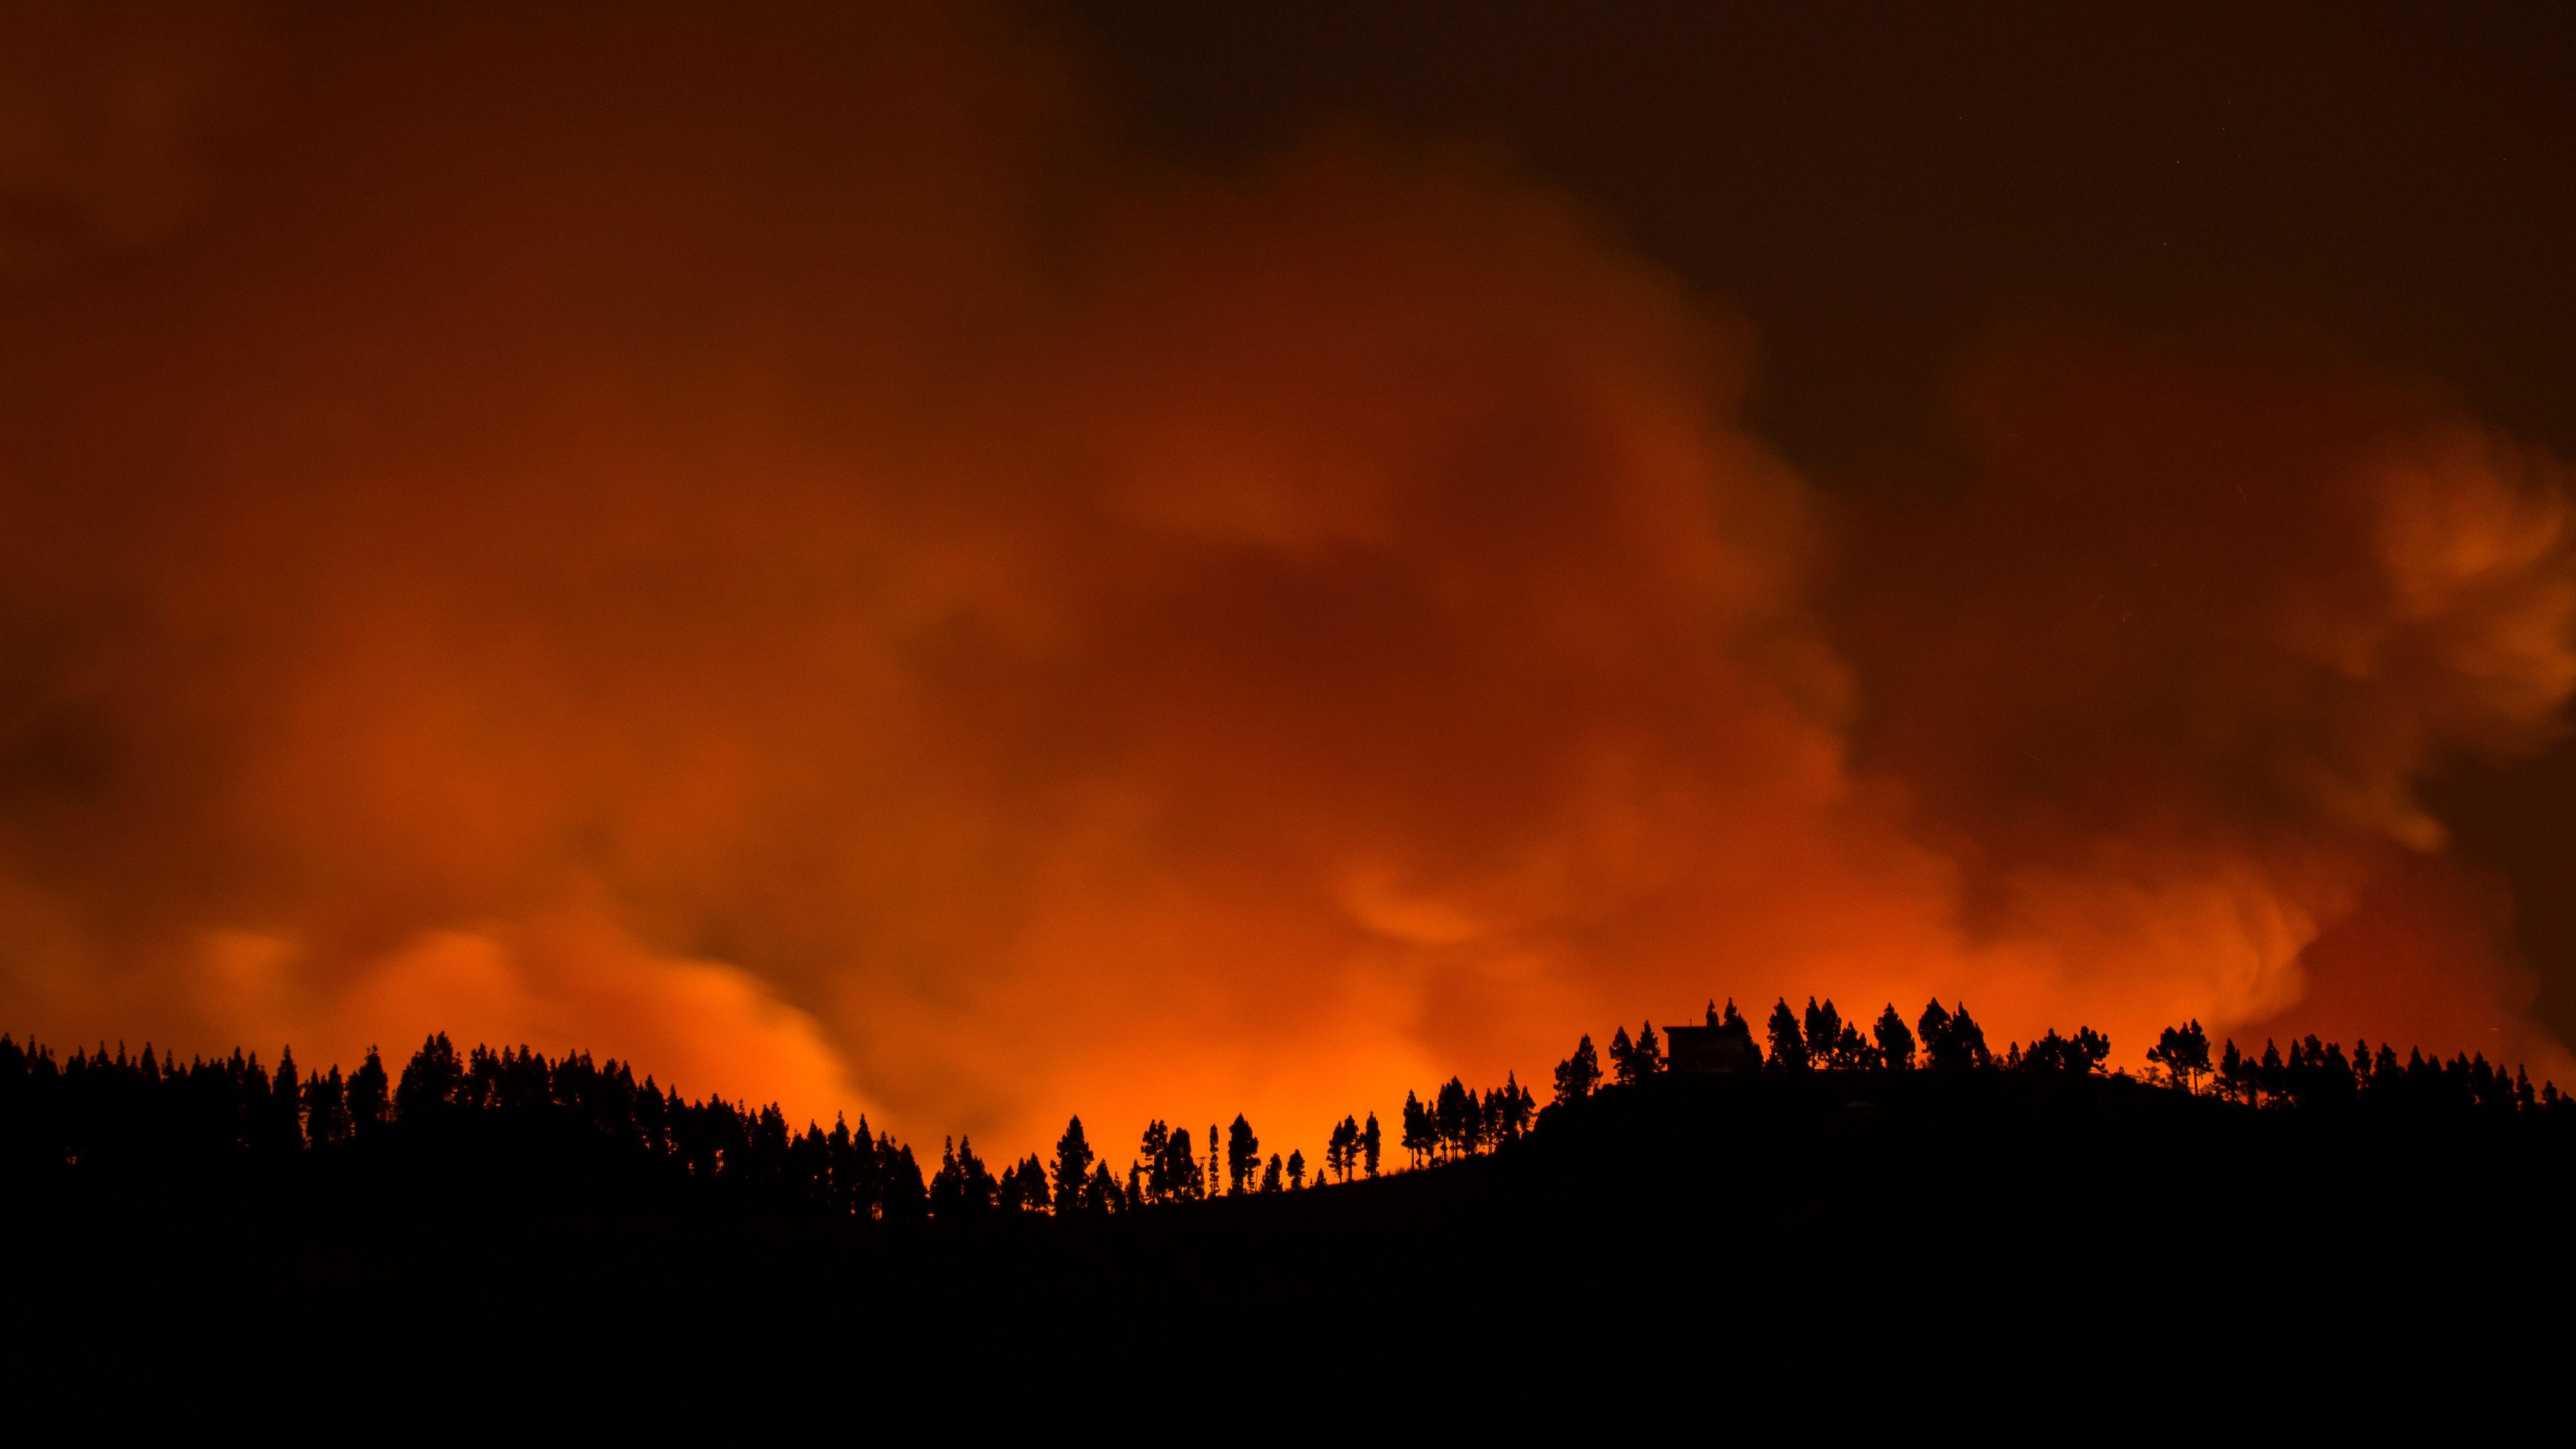 Flammen und Rauch in einem brennenden Wald auf der Insel Gran Canaria